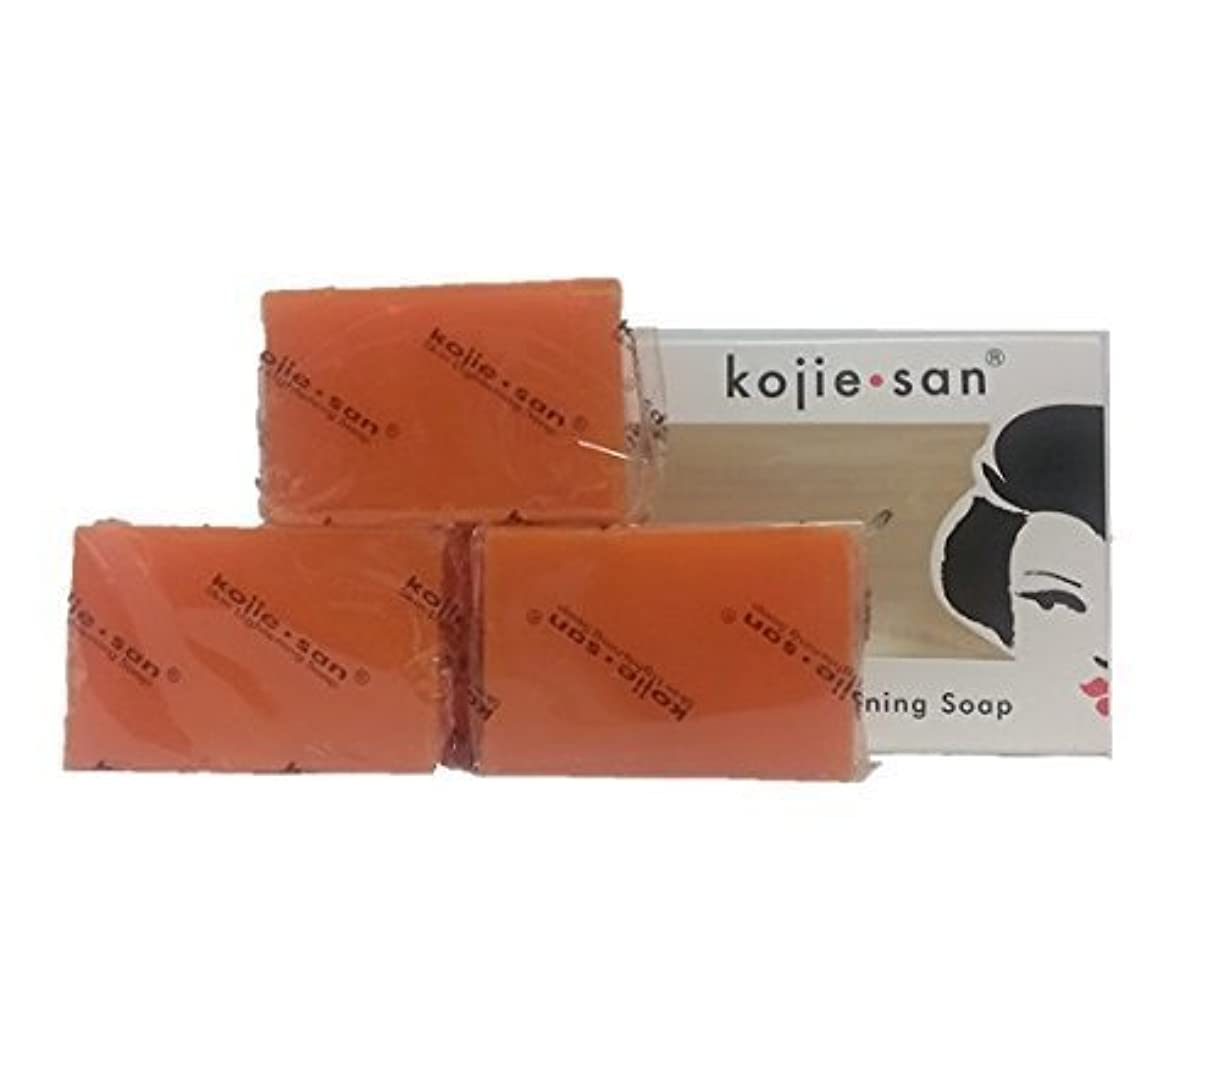 公園郵便解釈するKojie san Skin Lightning Soap 3 pcs こじえさんスキンライトニングソープ3個パック [並行輸入品]